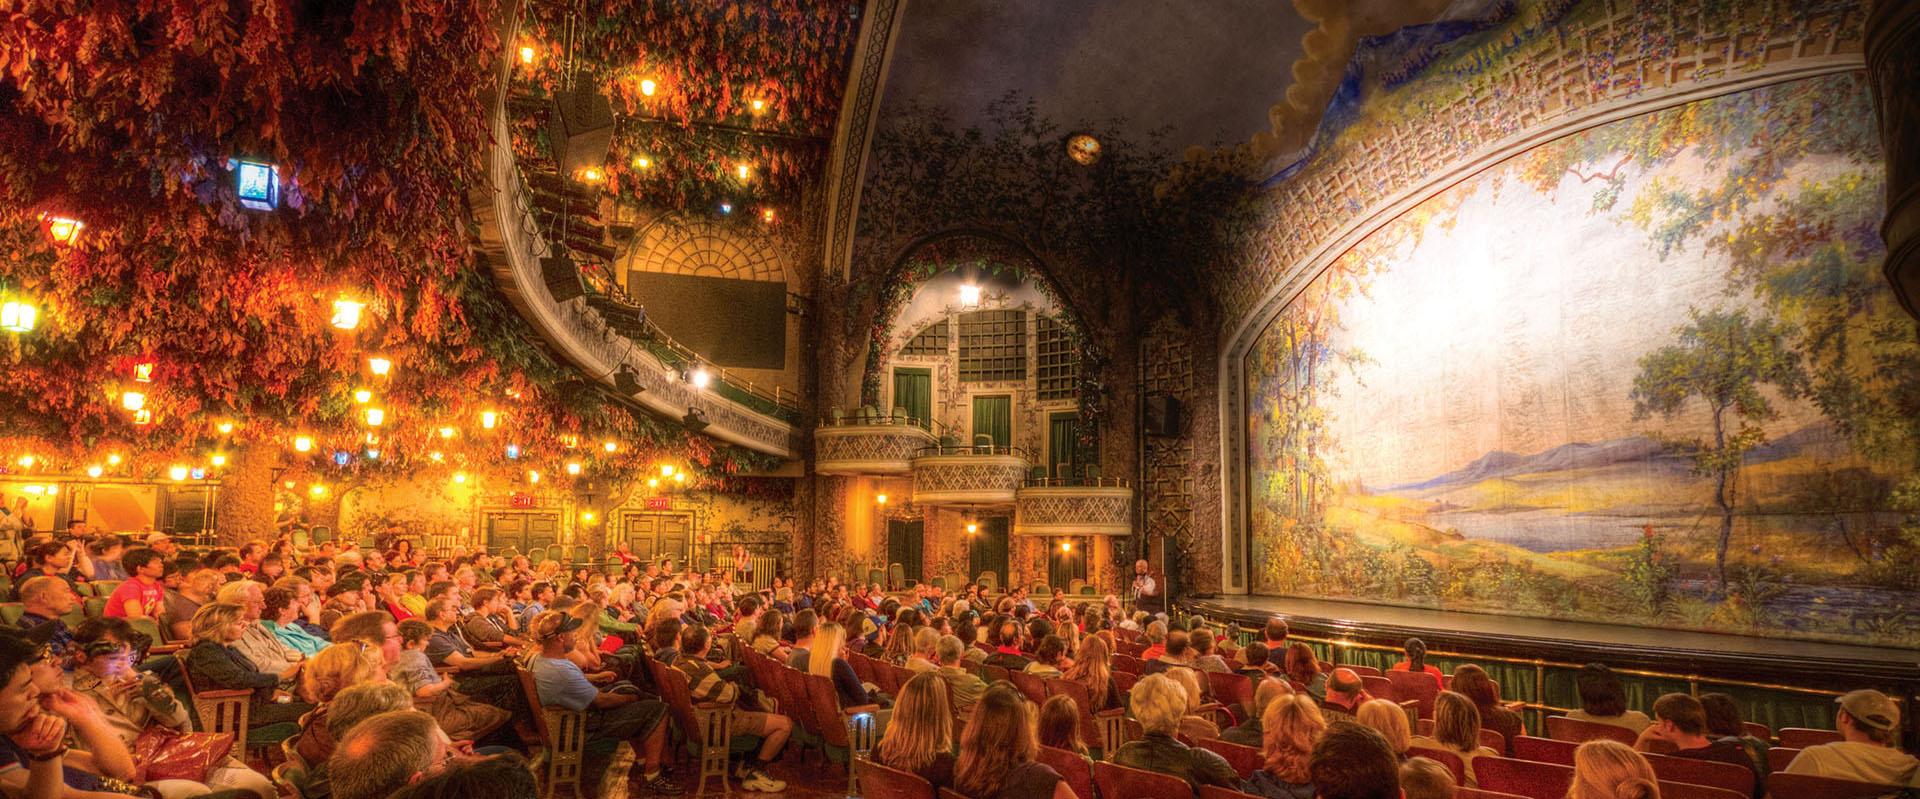 Théâtre Winter Garden